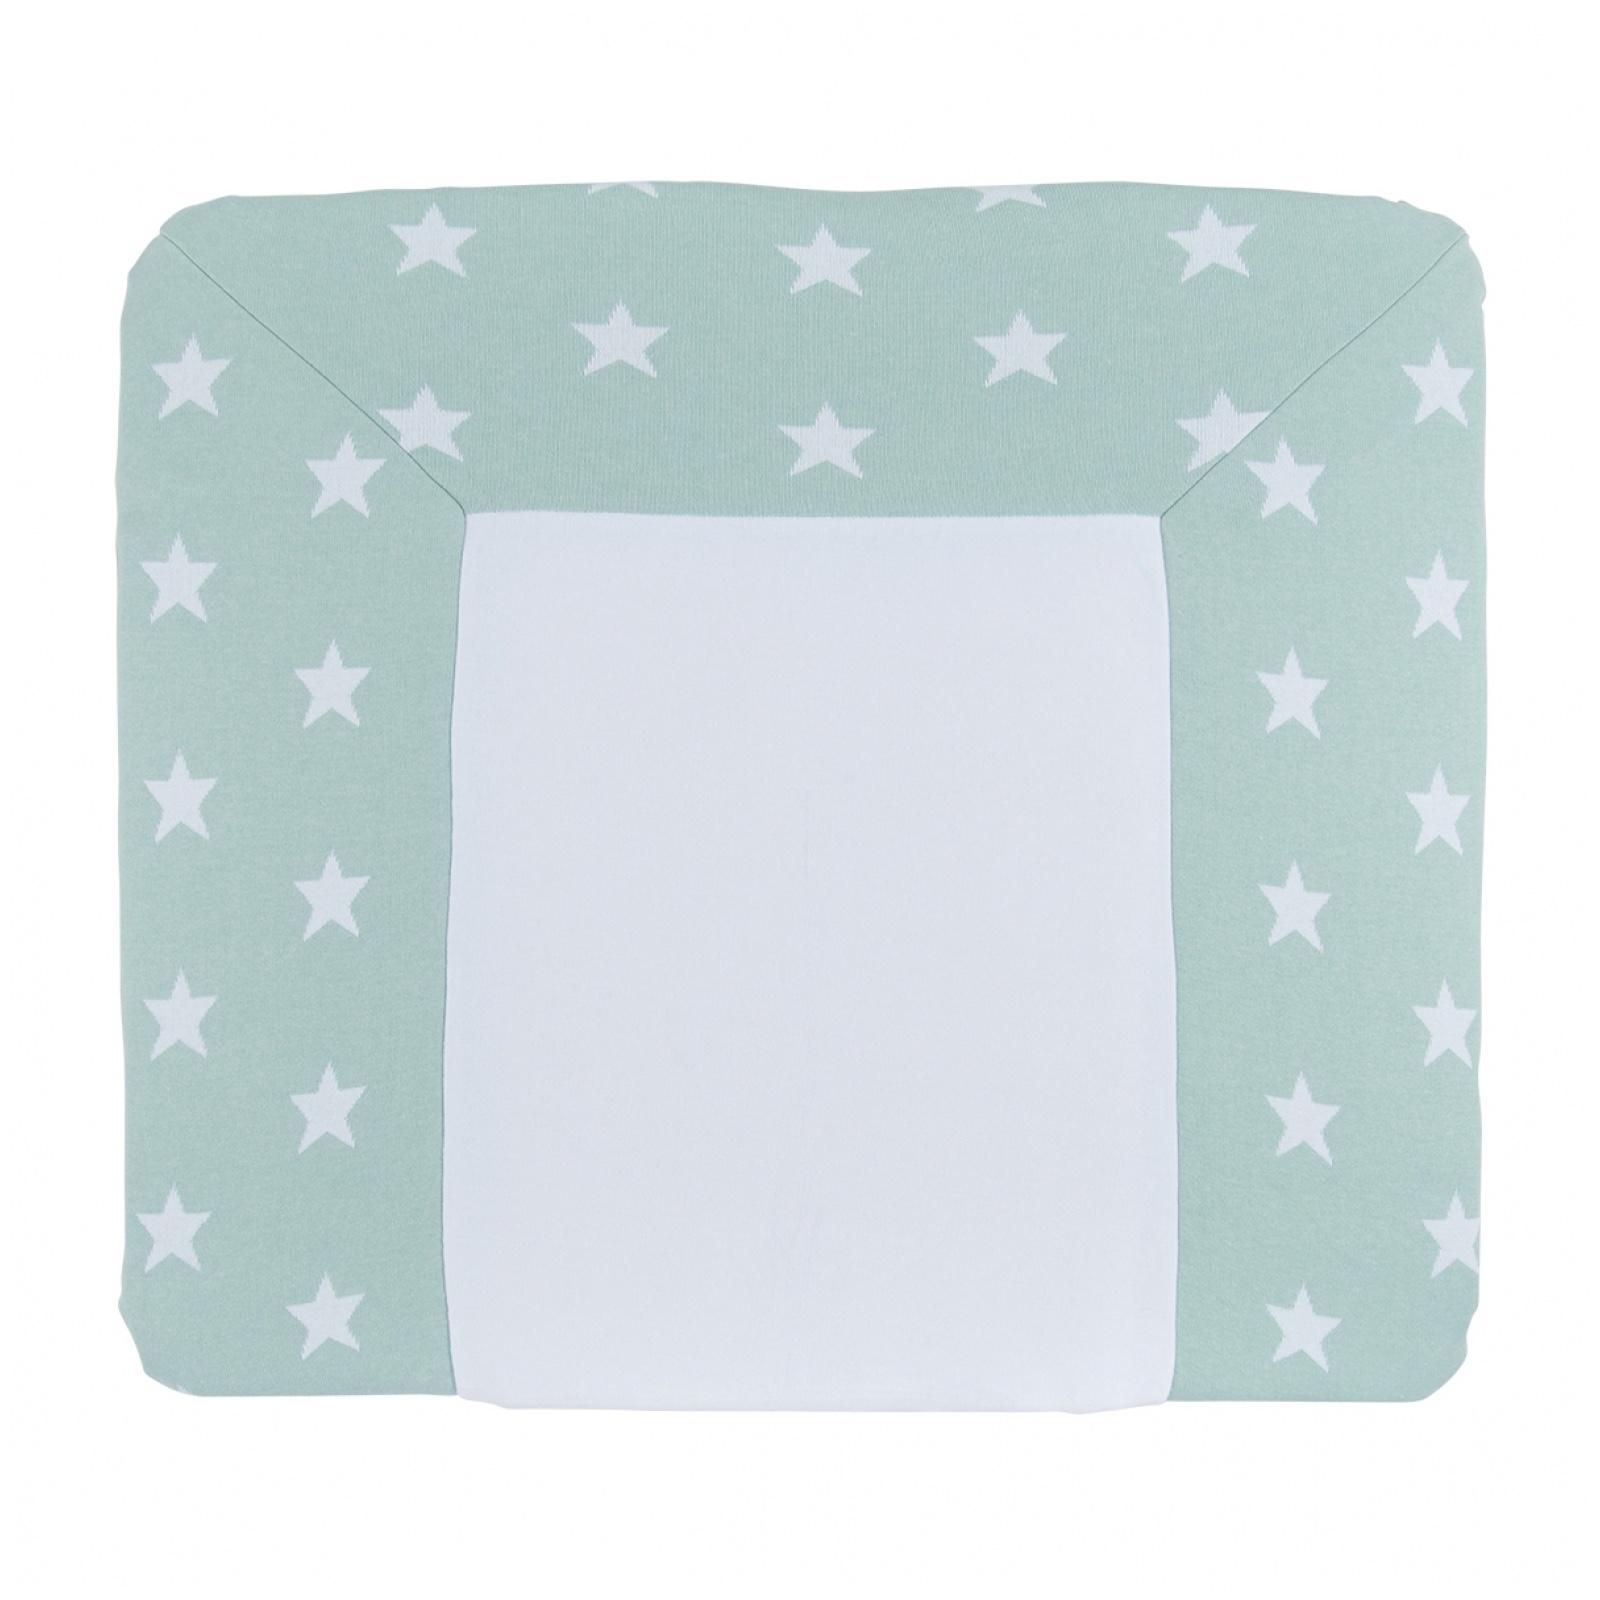 Wickelauflagenbezug Sterne mint / weiß (Gr. 75x85 cm)